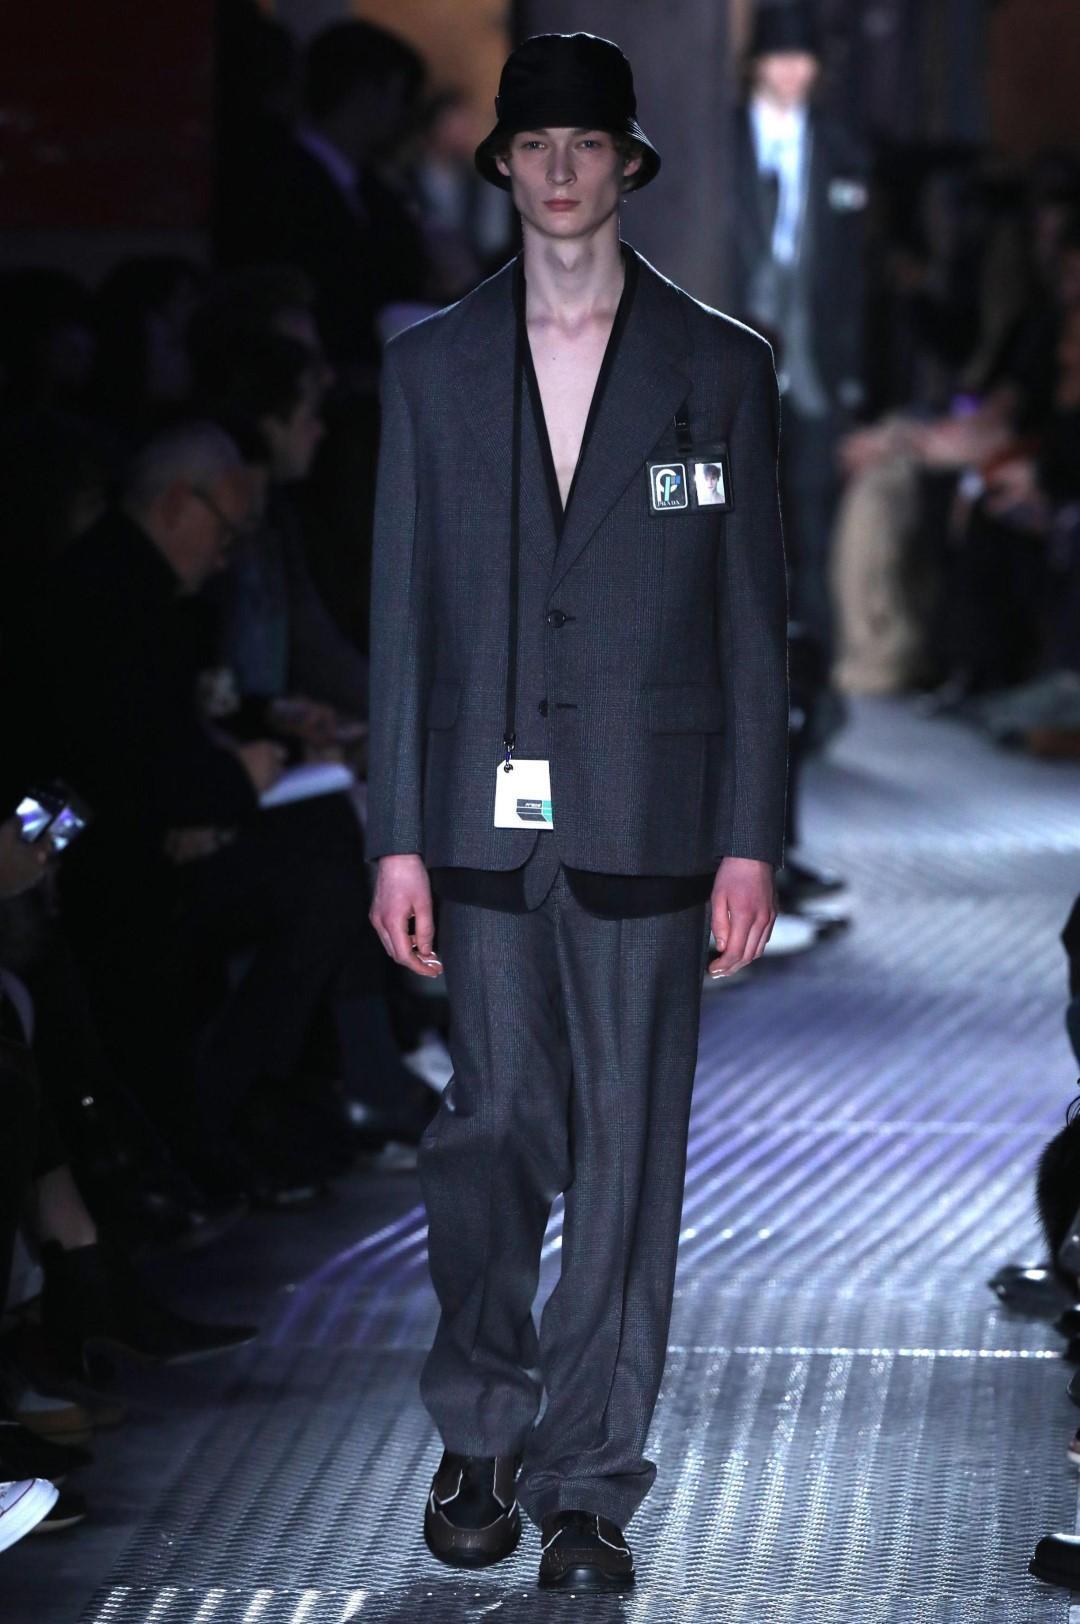 b1549f5112 Milano: in passerella l'eleganza maschile - Tgcom24